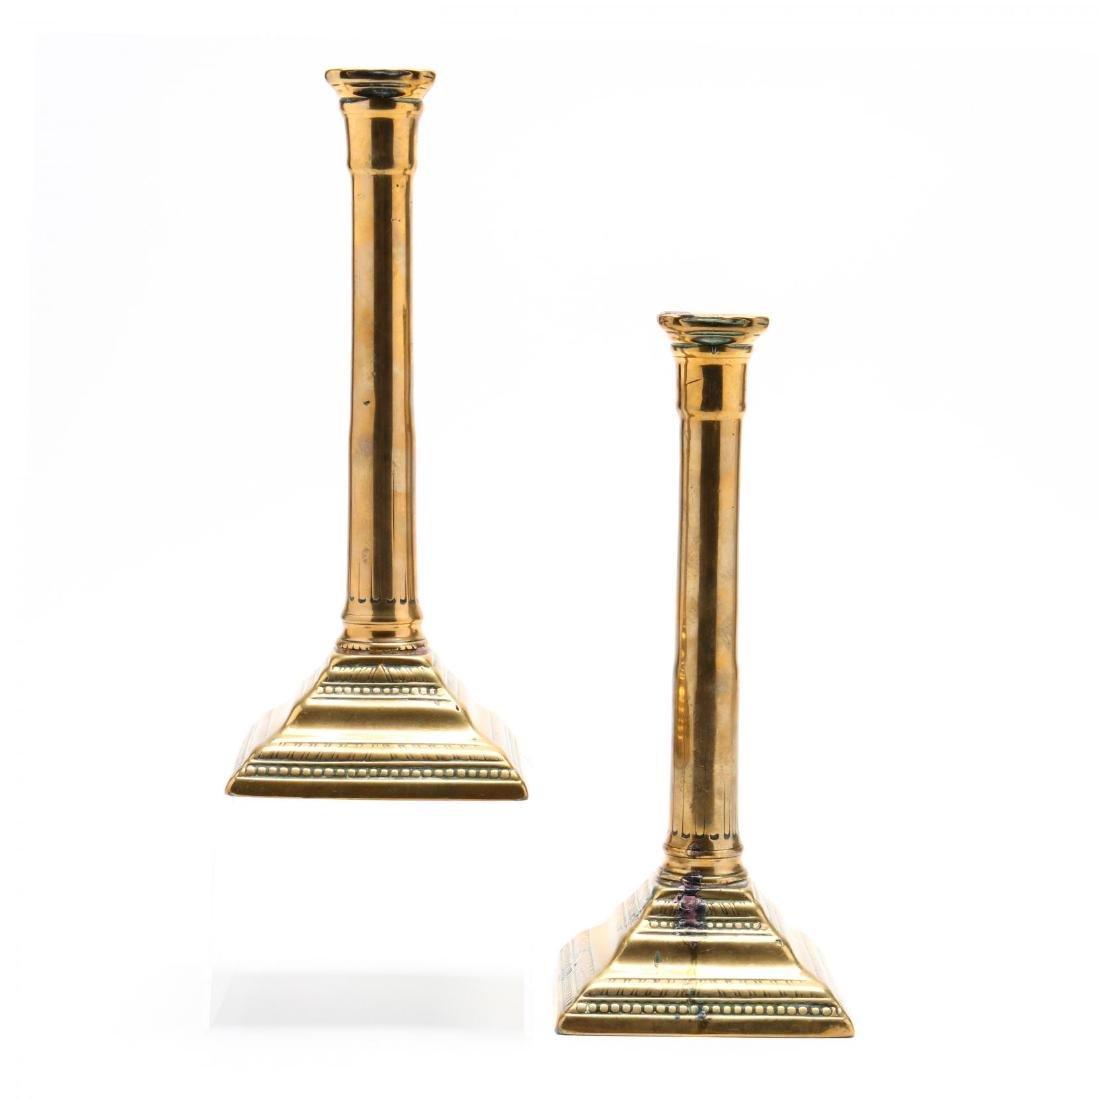 Pair of Antique Brass Candlesticks - 2